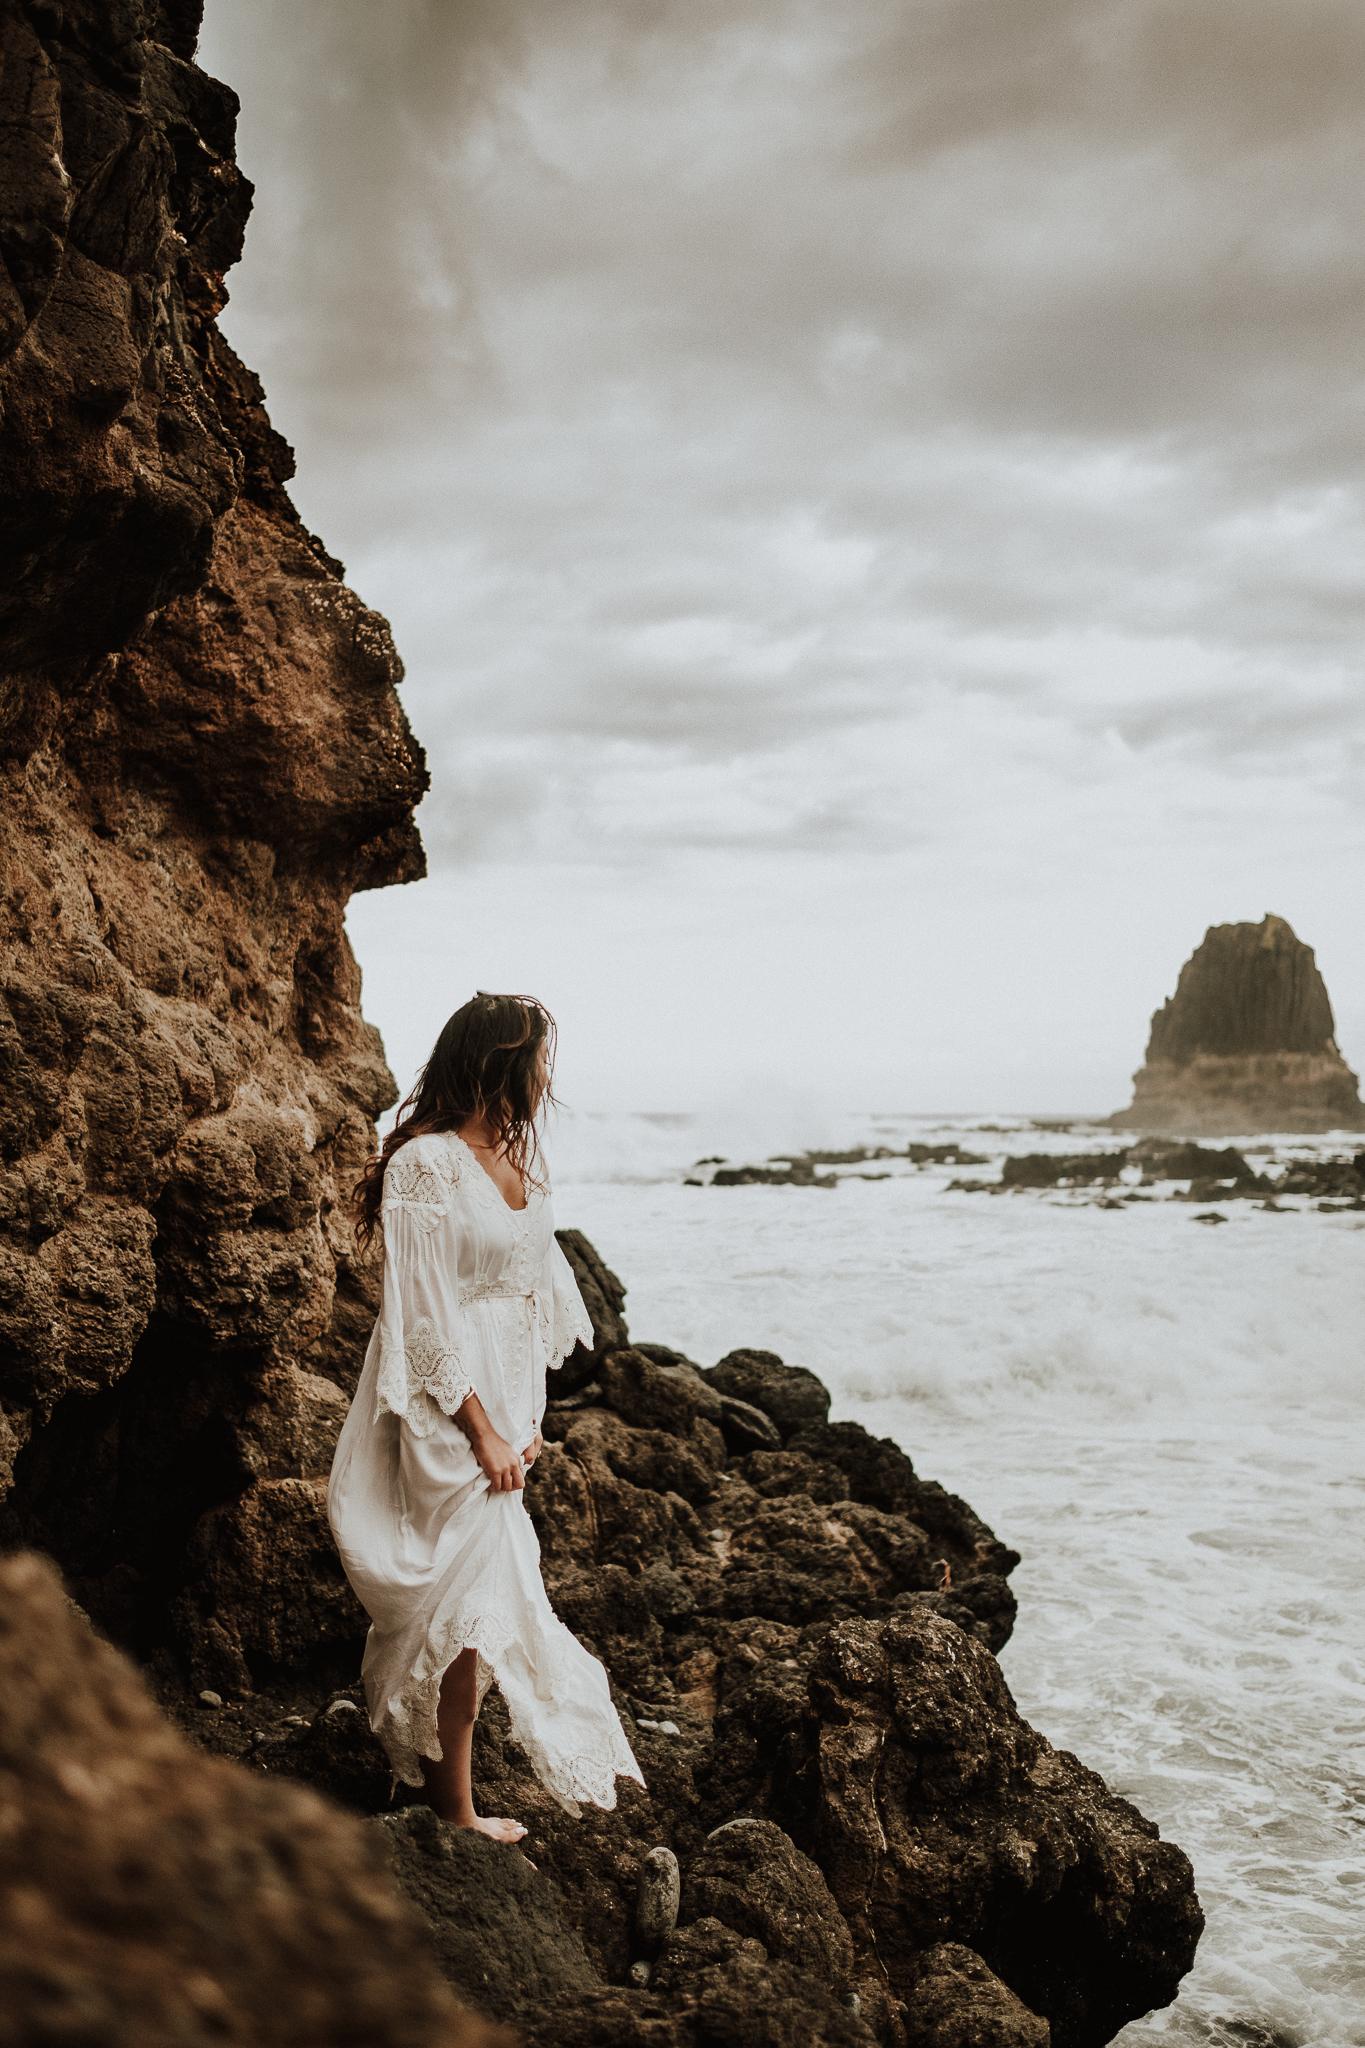 Danielle Dobson Melbourne Family Photographer (12 of 14).jpg